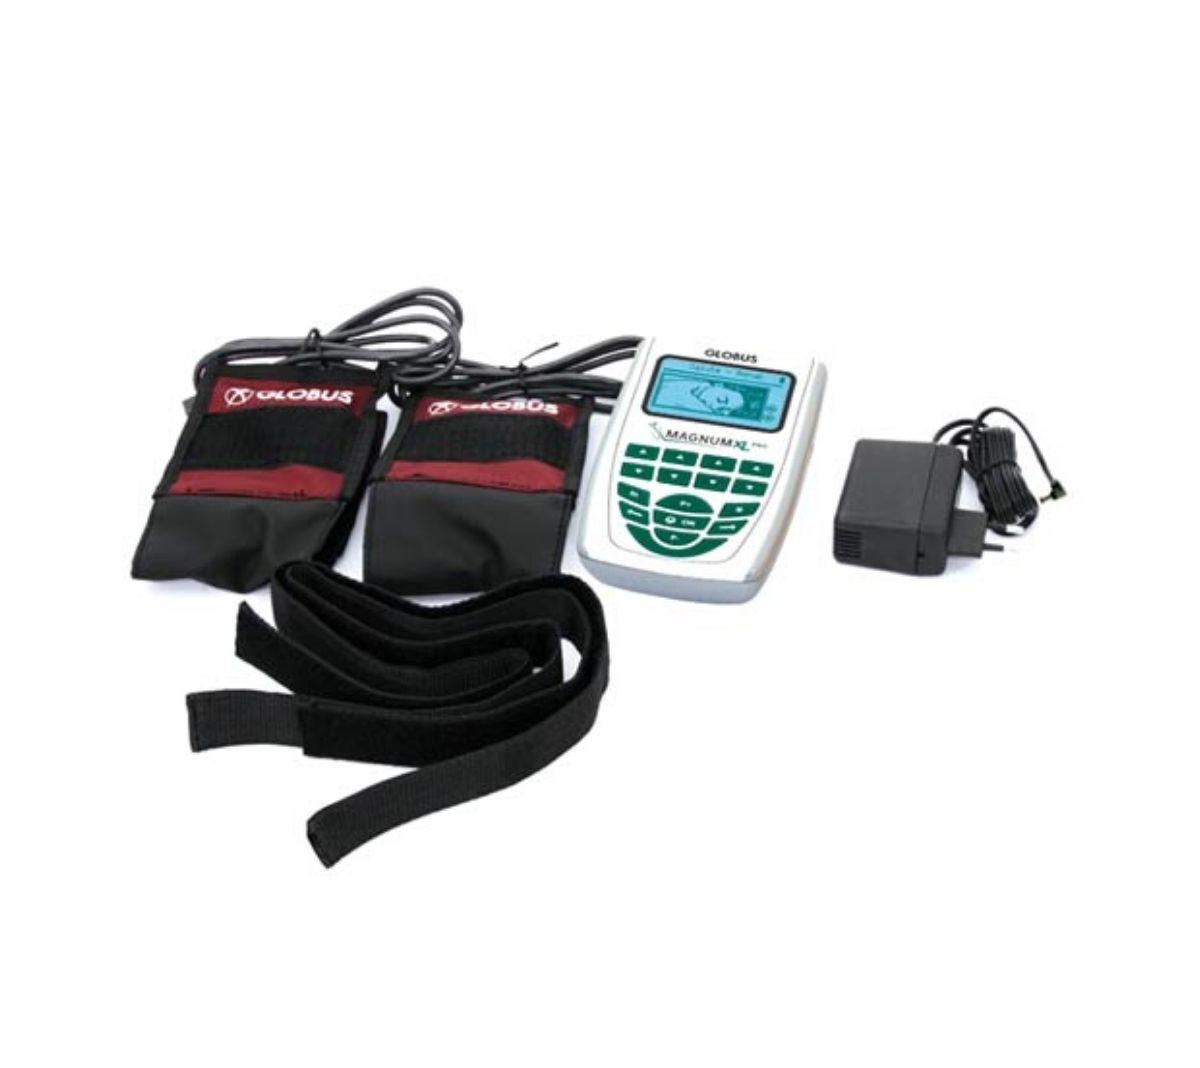 Elettro-stimolatore - Officine-Ortopediche.com